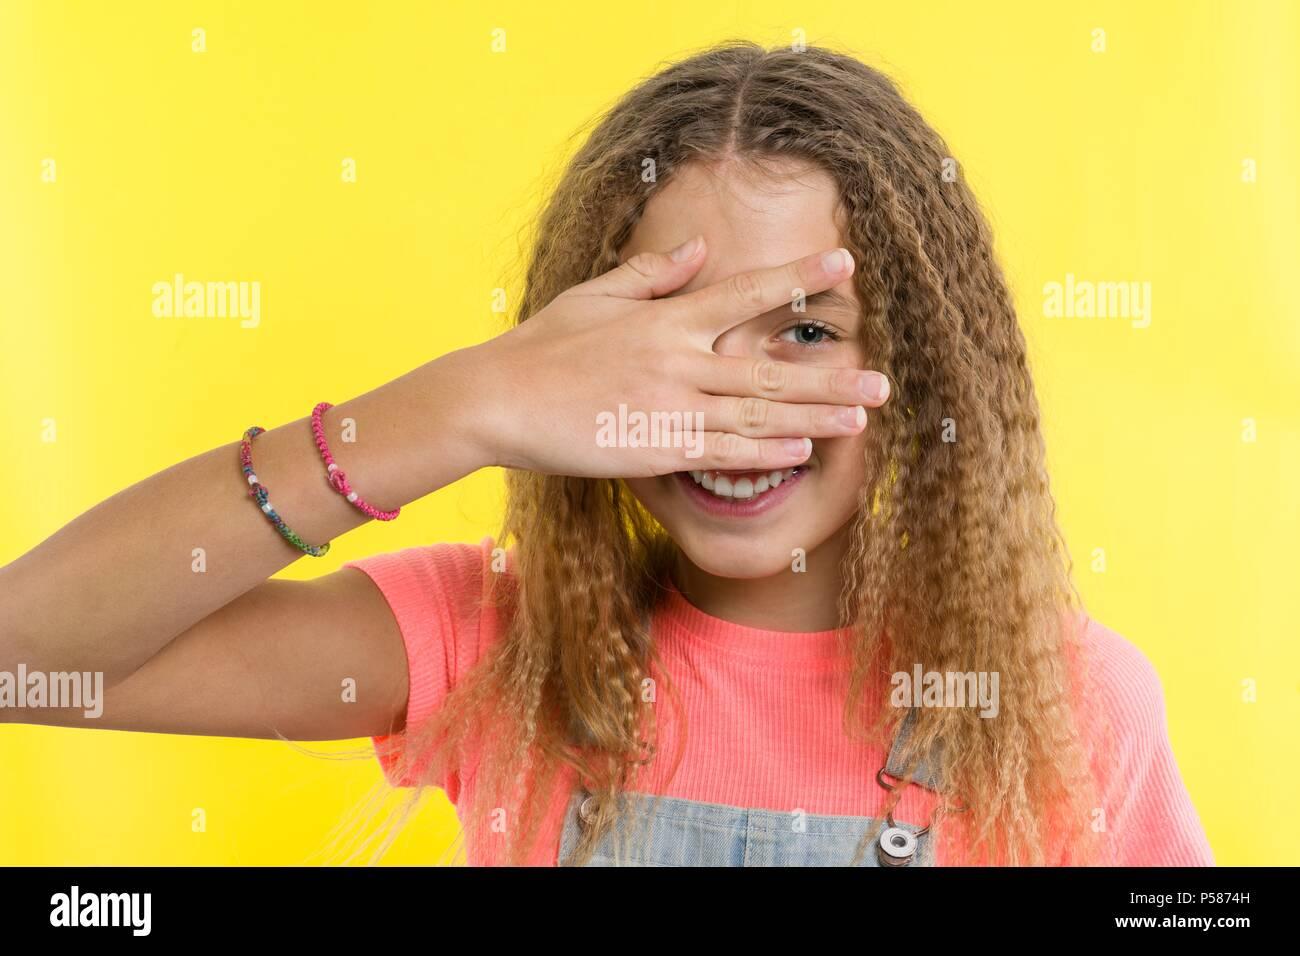 Portrait of teenage girl peeps through fingers. Yellow studio background. - Stock Image